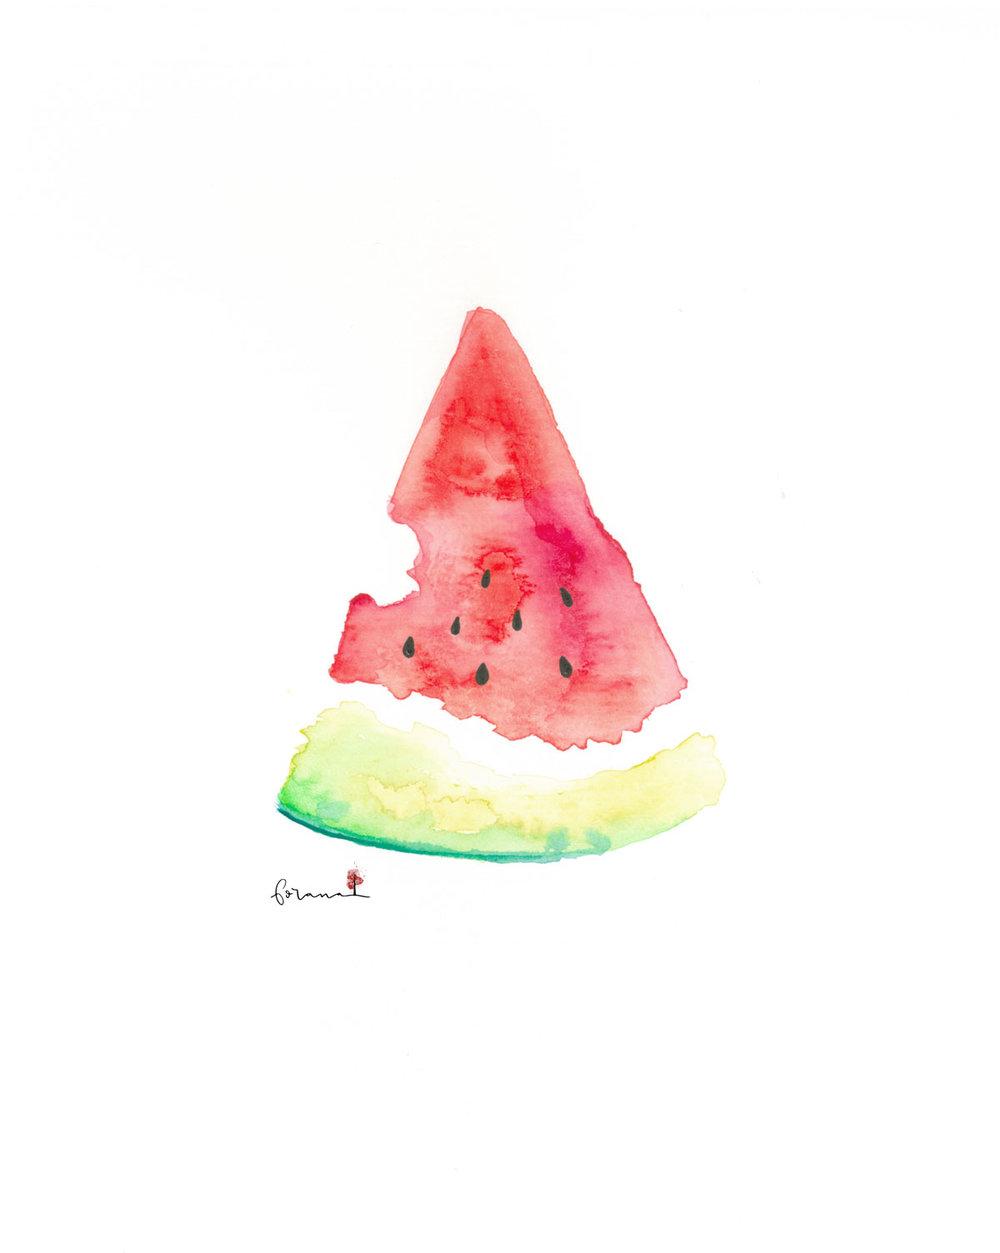 Zum anbeissen saftige - Wassermelone---Minimal Watercolor Design